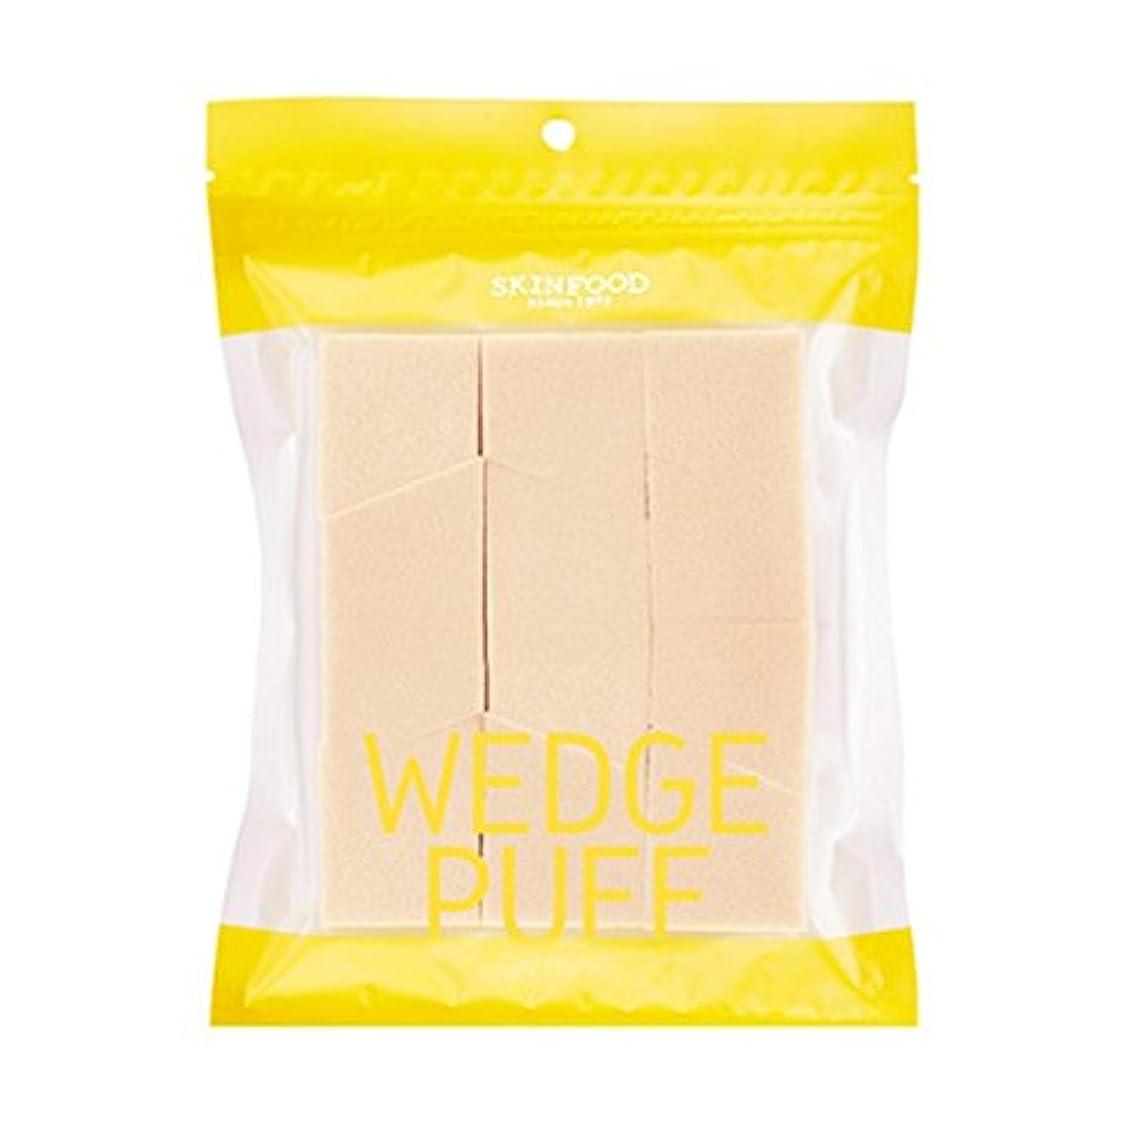 進捗午後コーラス[2016 New] SKINFOOD Wedge Puff Sponge Jumbo Size (12pcs)/スキンフード ウェッジ パフ スポンジ ジャンボサイズ (12個入り)